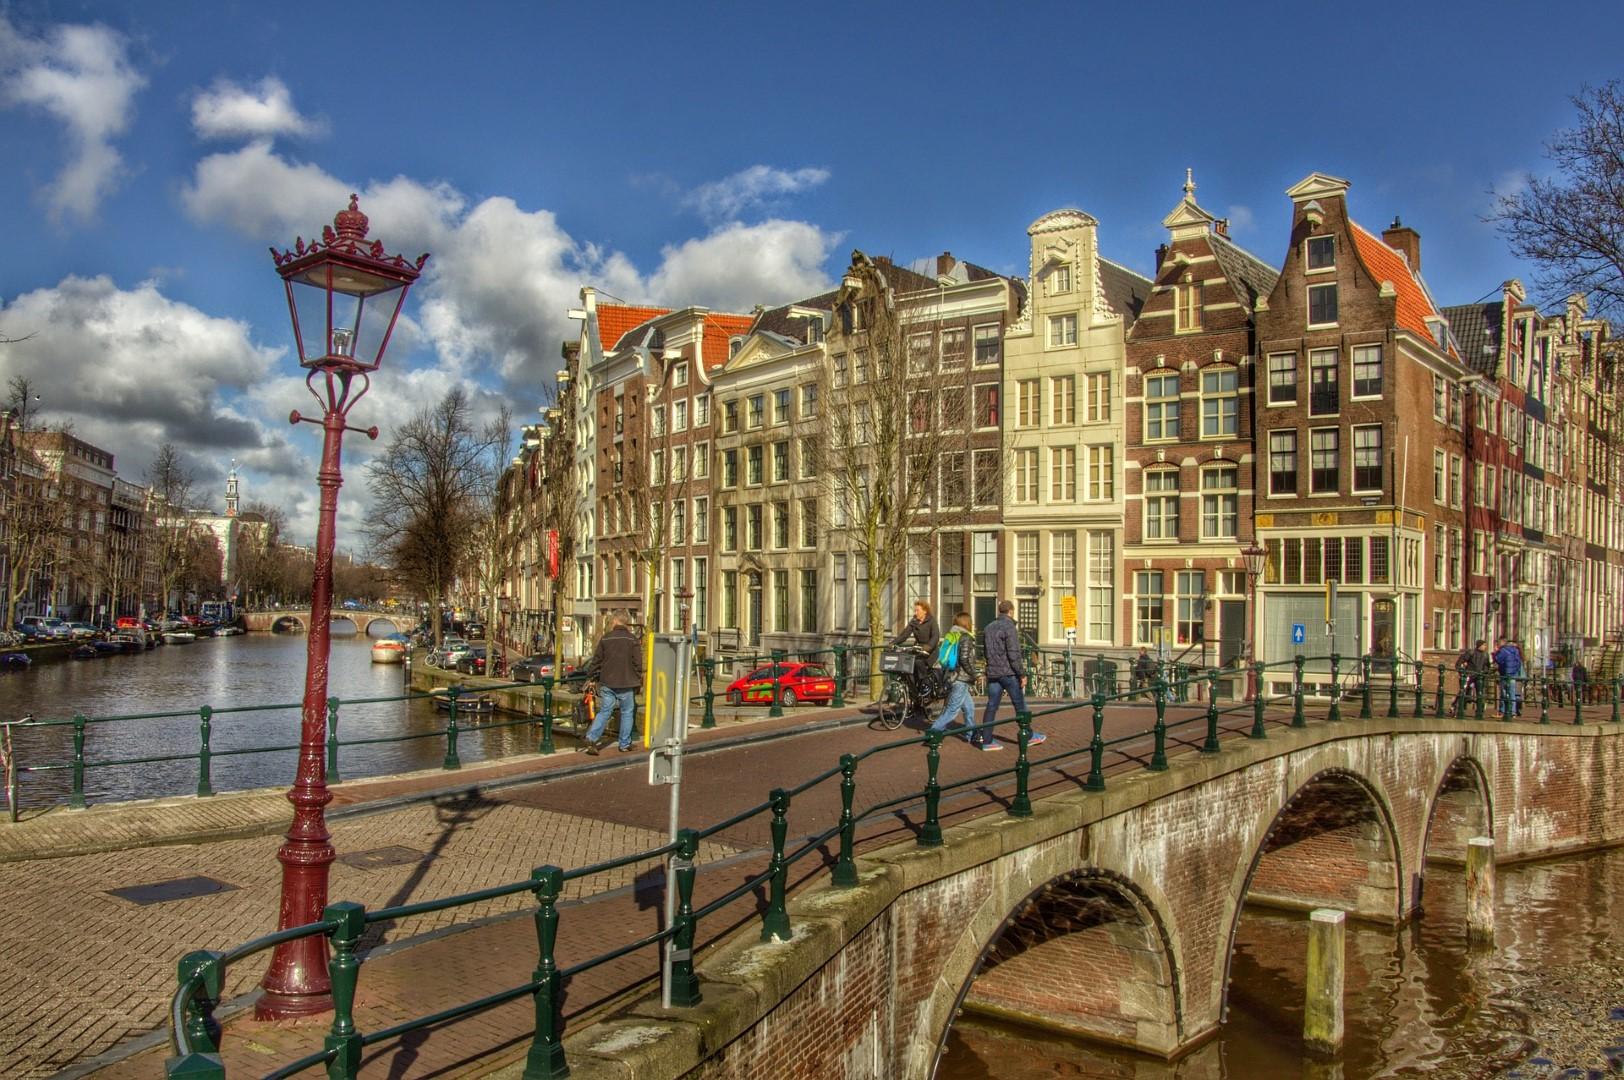 Huizen Huren Amsterdam : Woning delen amsterdam vind jouw betaalbare huurwoning nu